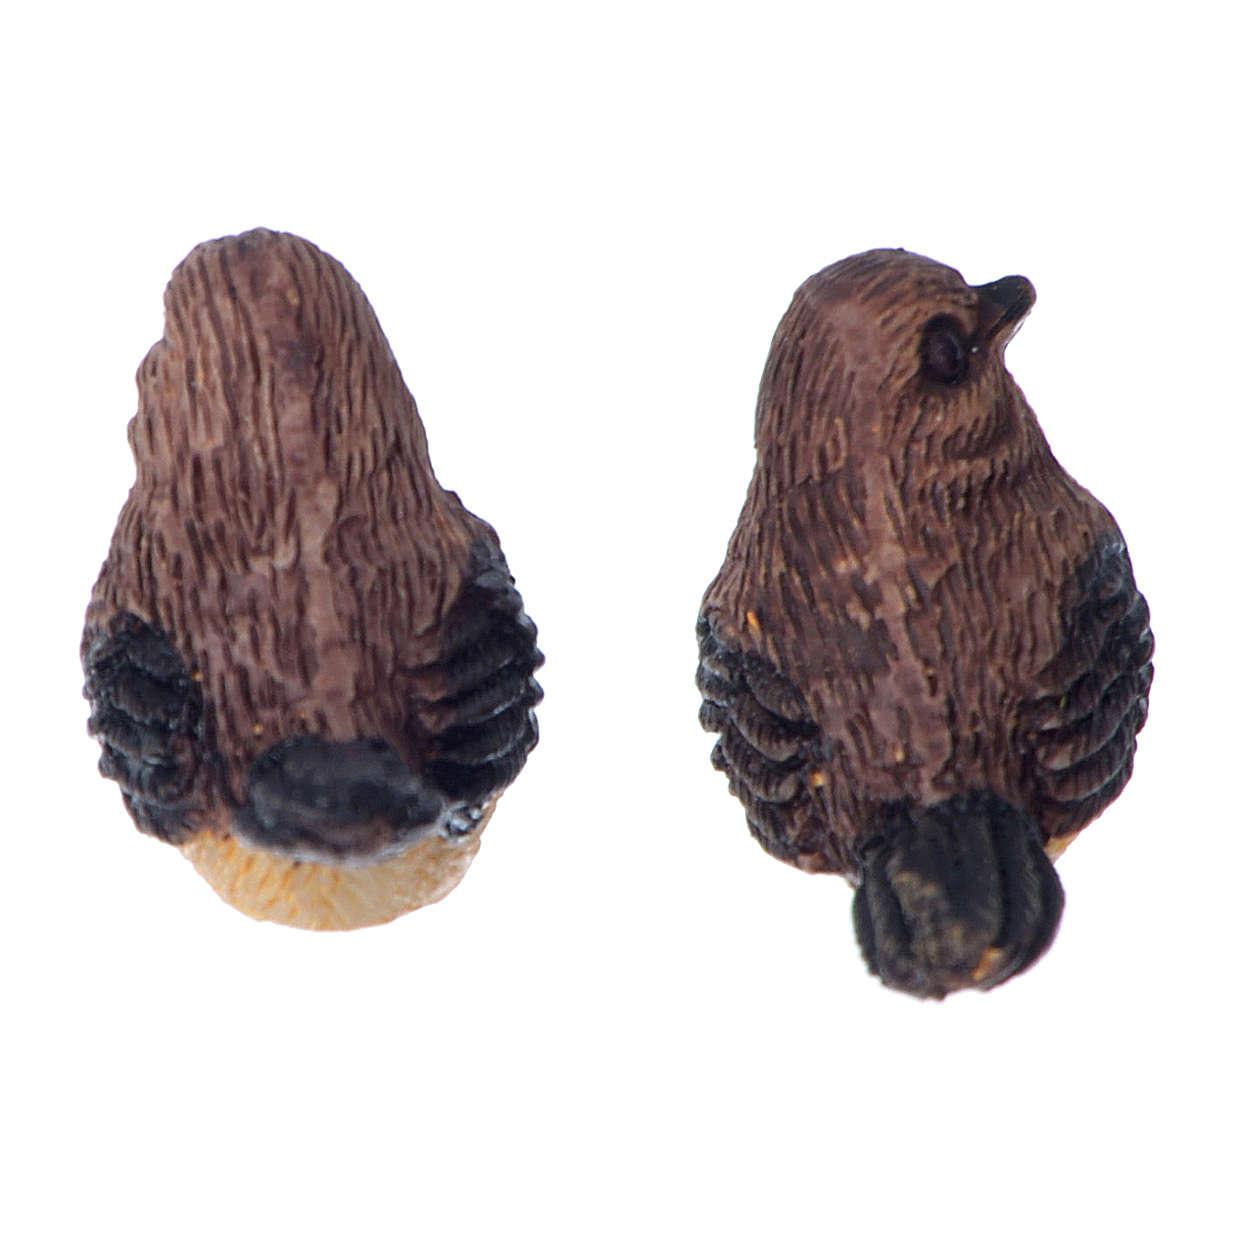 Set coppia di uccelli per presepe 10-12 cm in resina dipinta 3